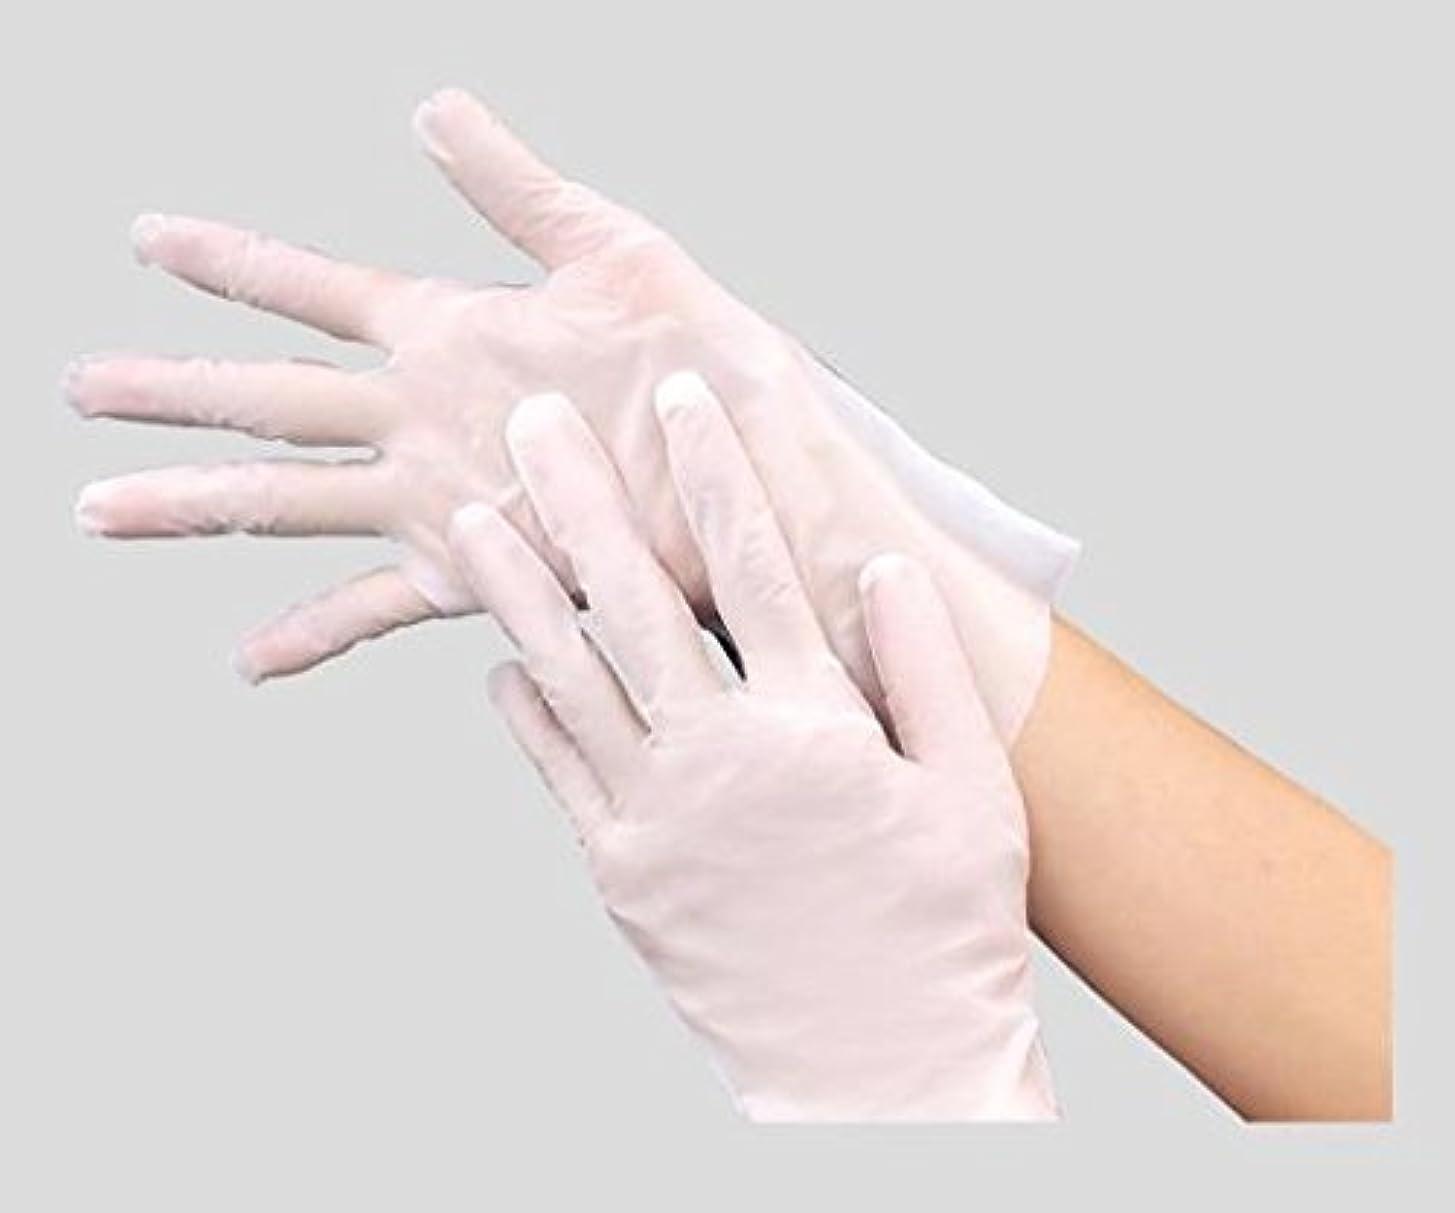 横印刷するプレミア2-9150-03エラストマー手袋L